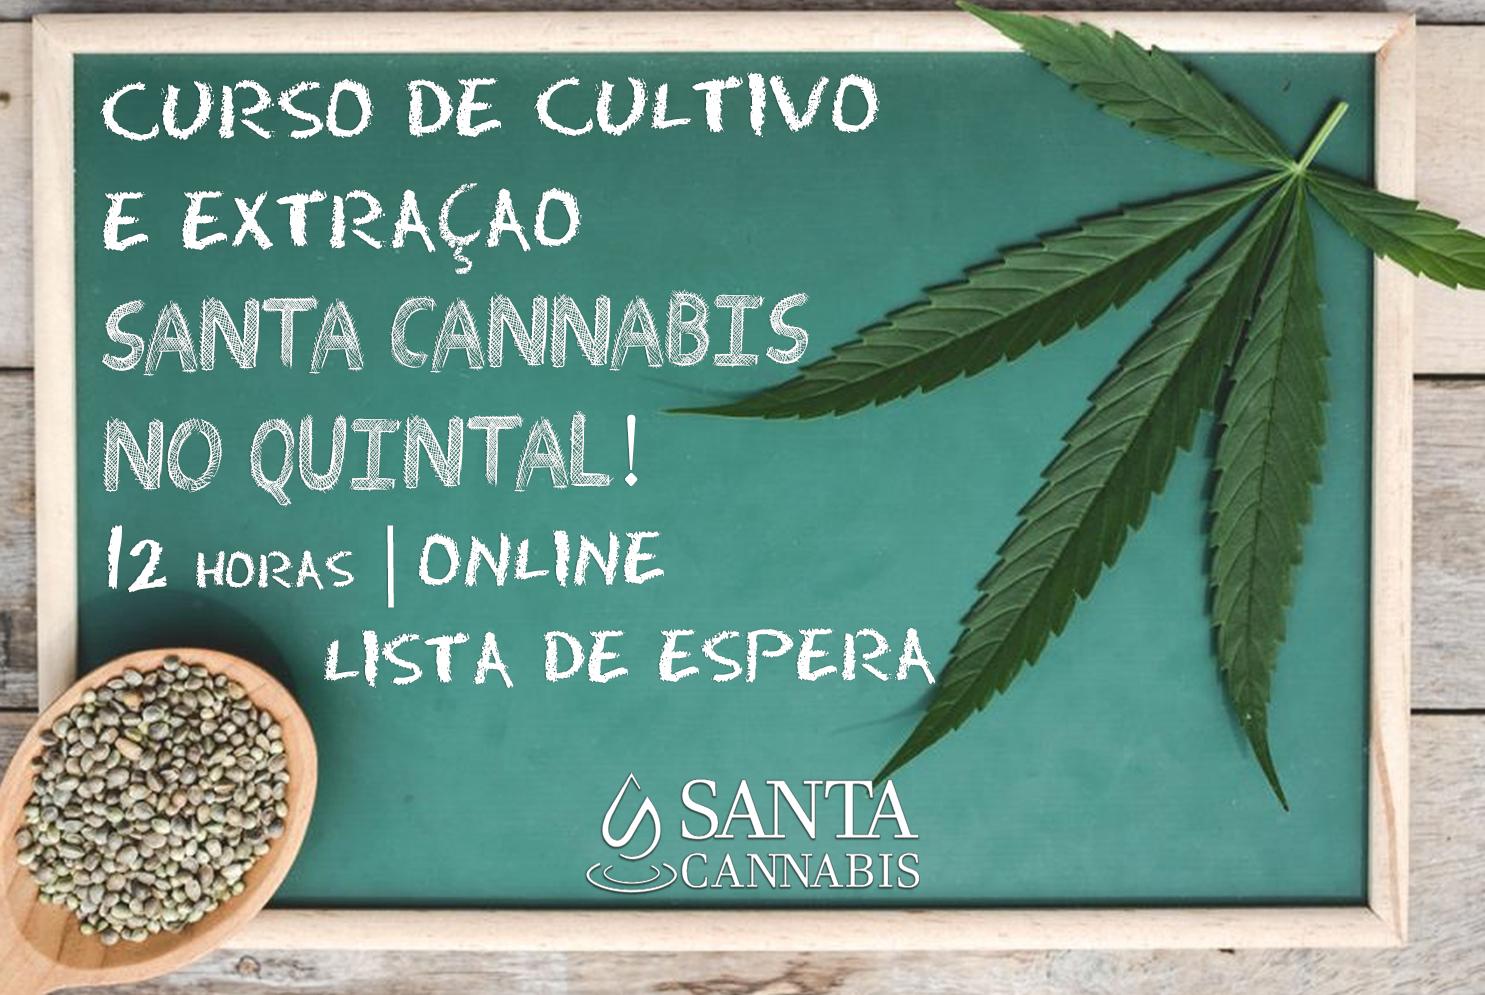 Curso de Cultivo e Extração Santa Cannabis no Quintal